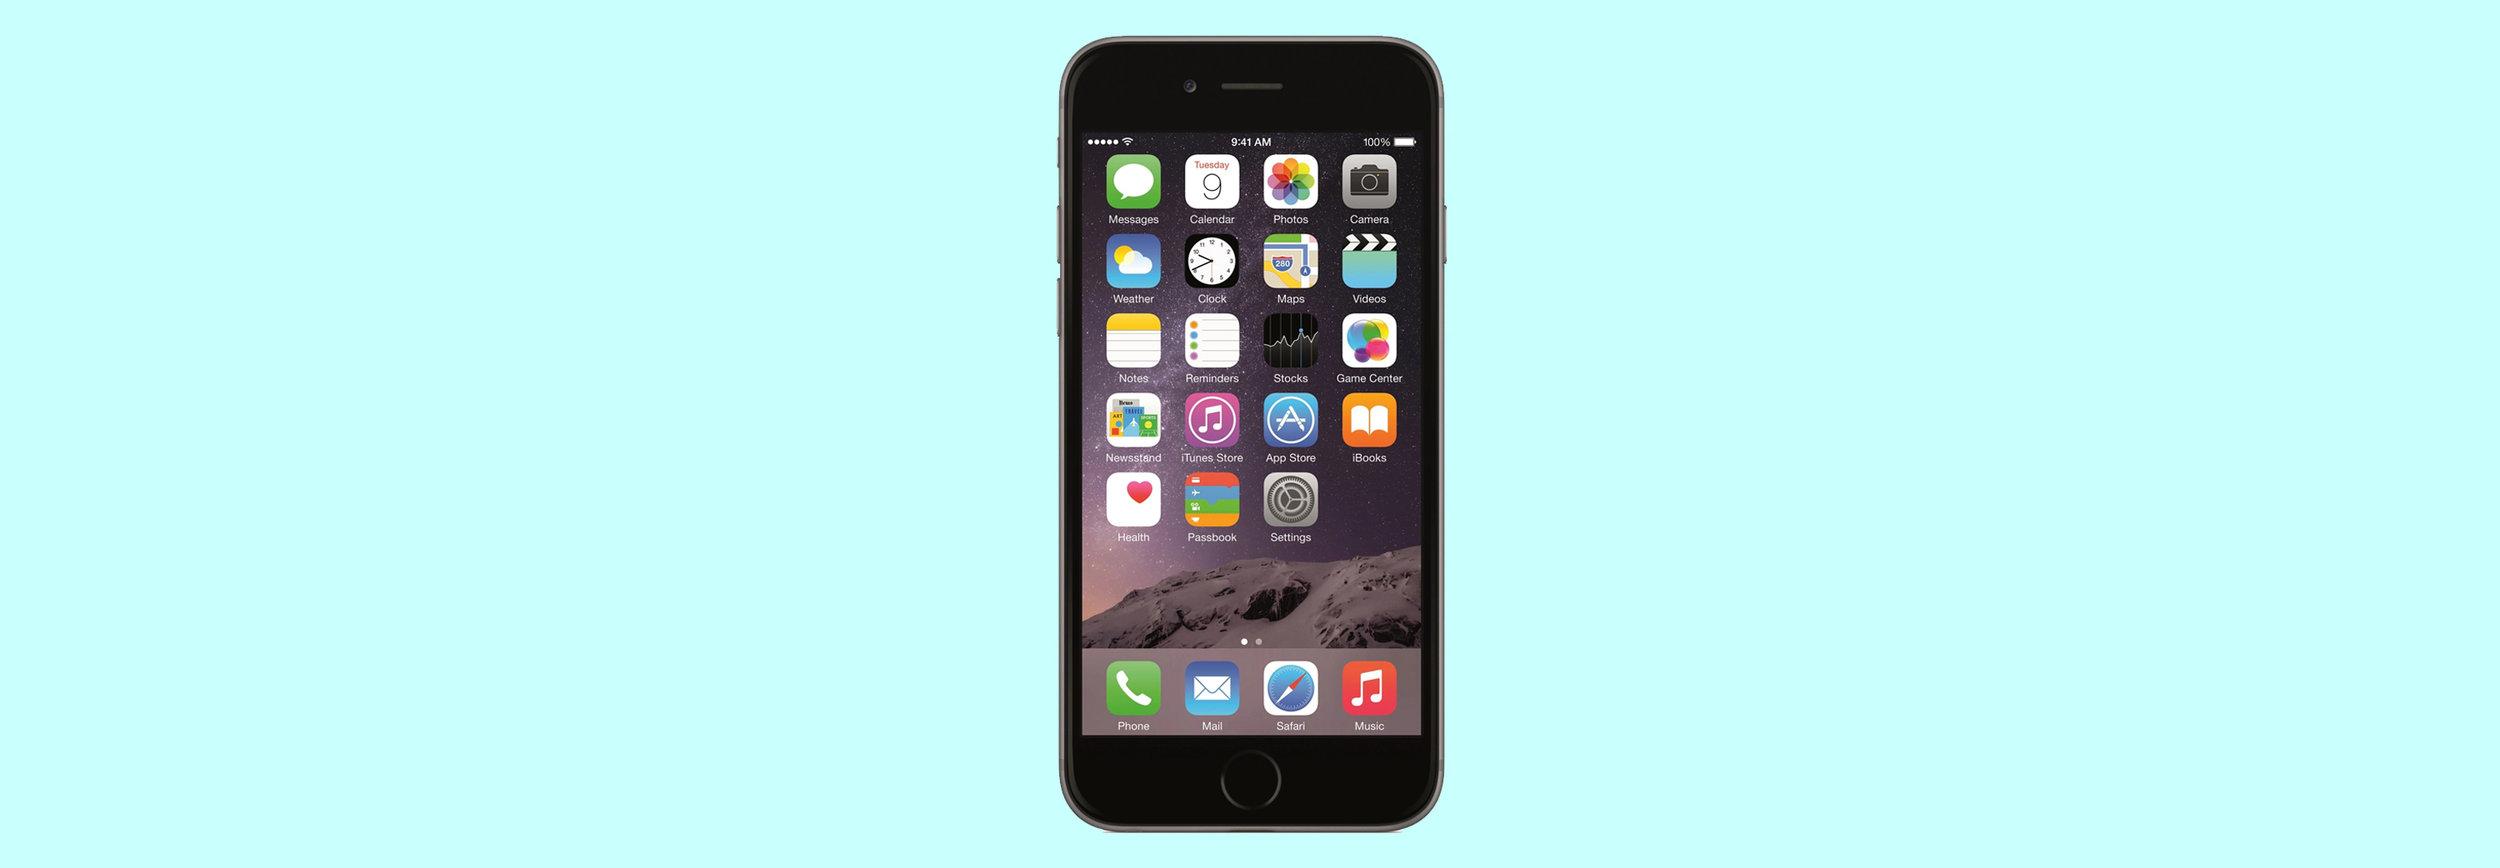 iPhone 6s plus Ex.jpg